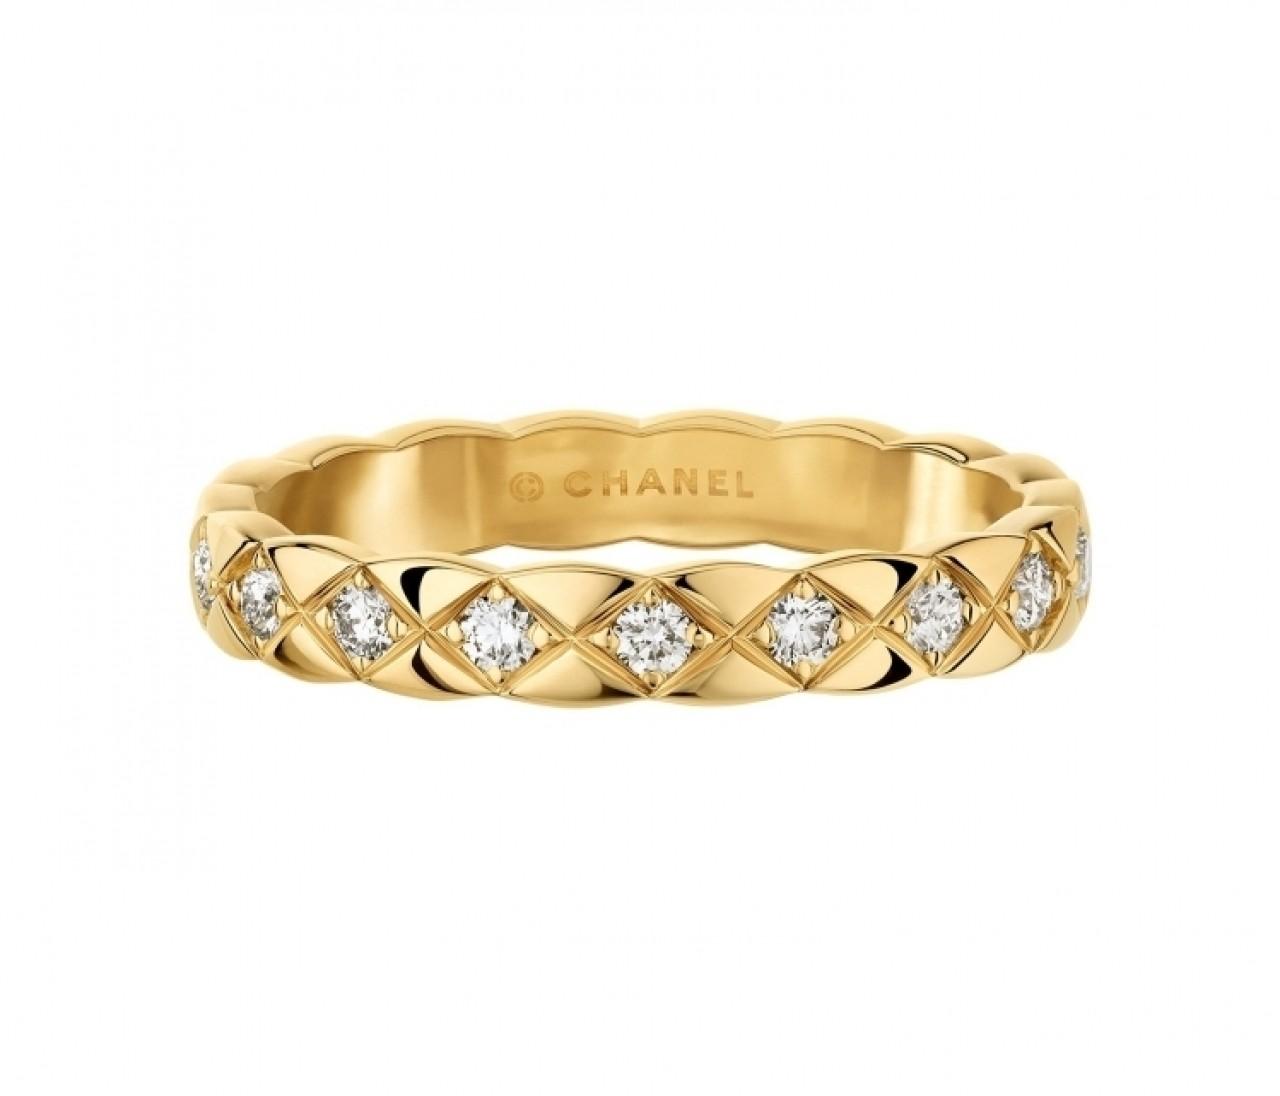 シャネルで選ぶ結婚指輪5選【新時代の価値あるウエディングリング】